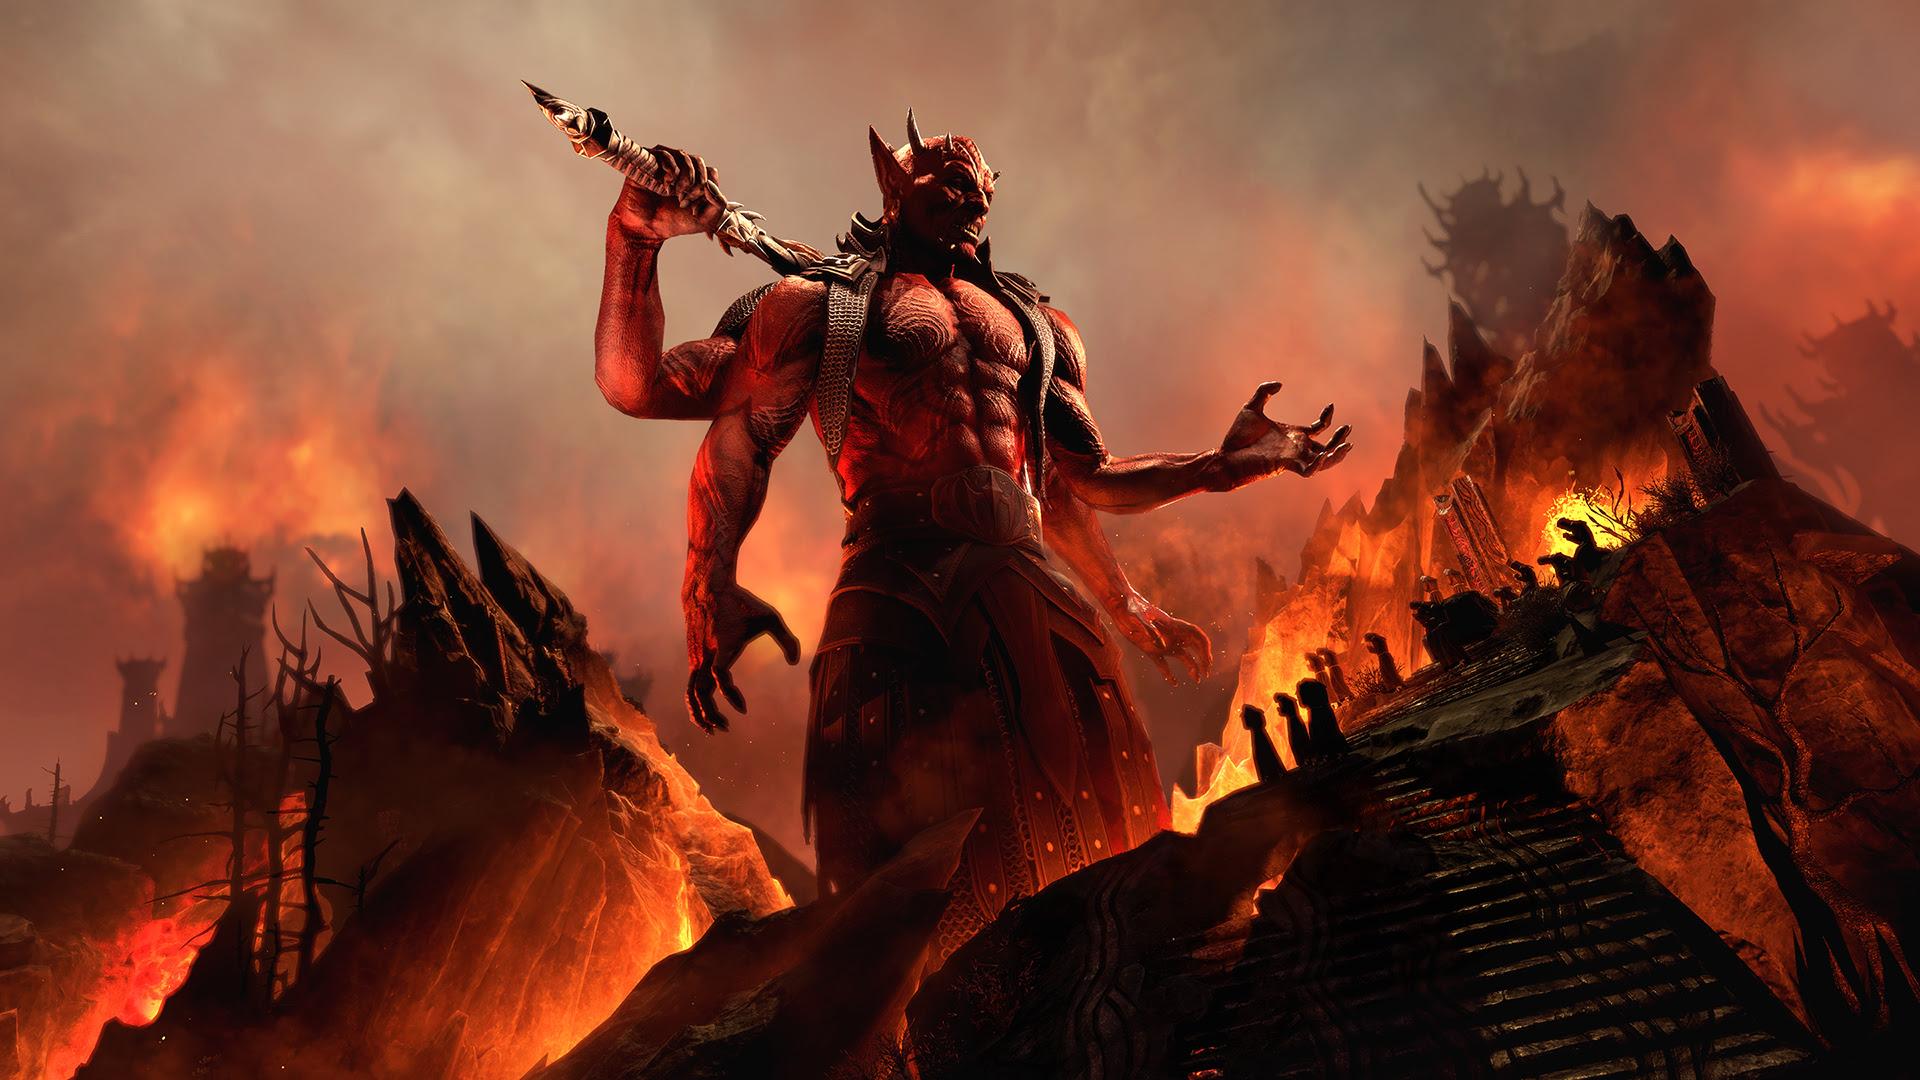 The Elder Scrolls Online Revela o capítulo 'Blackwood', que sai em junho, e a aventura anual 'Gates of Oblivion' 4